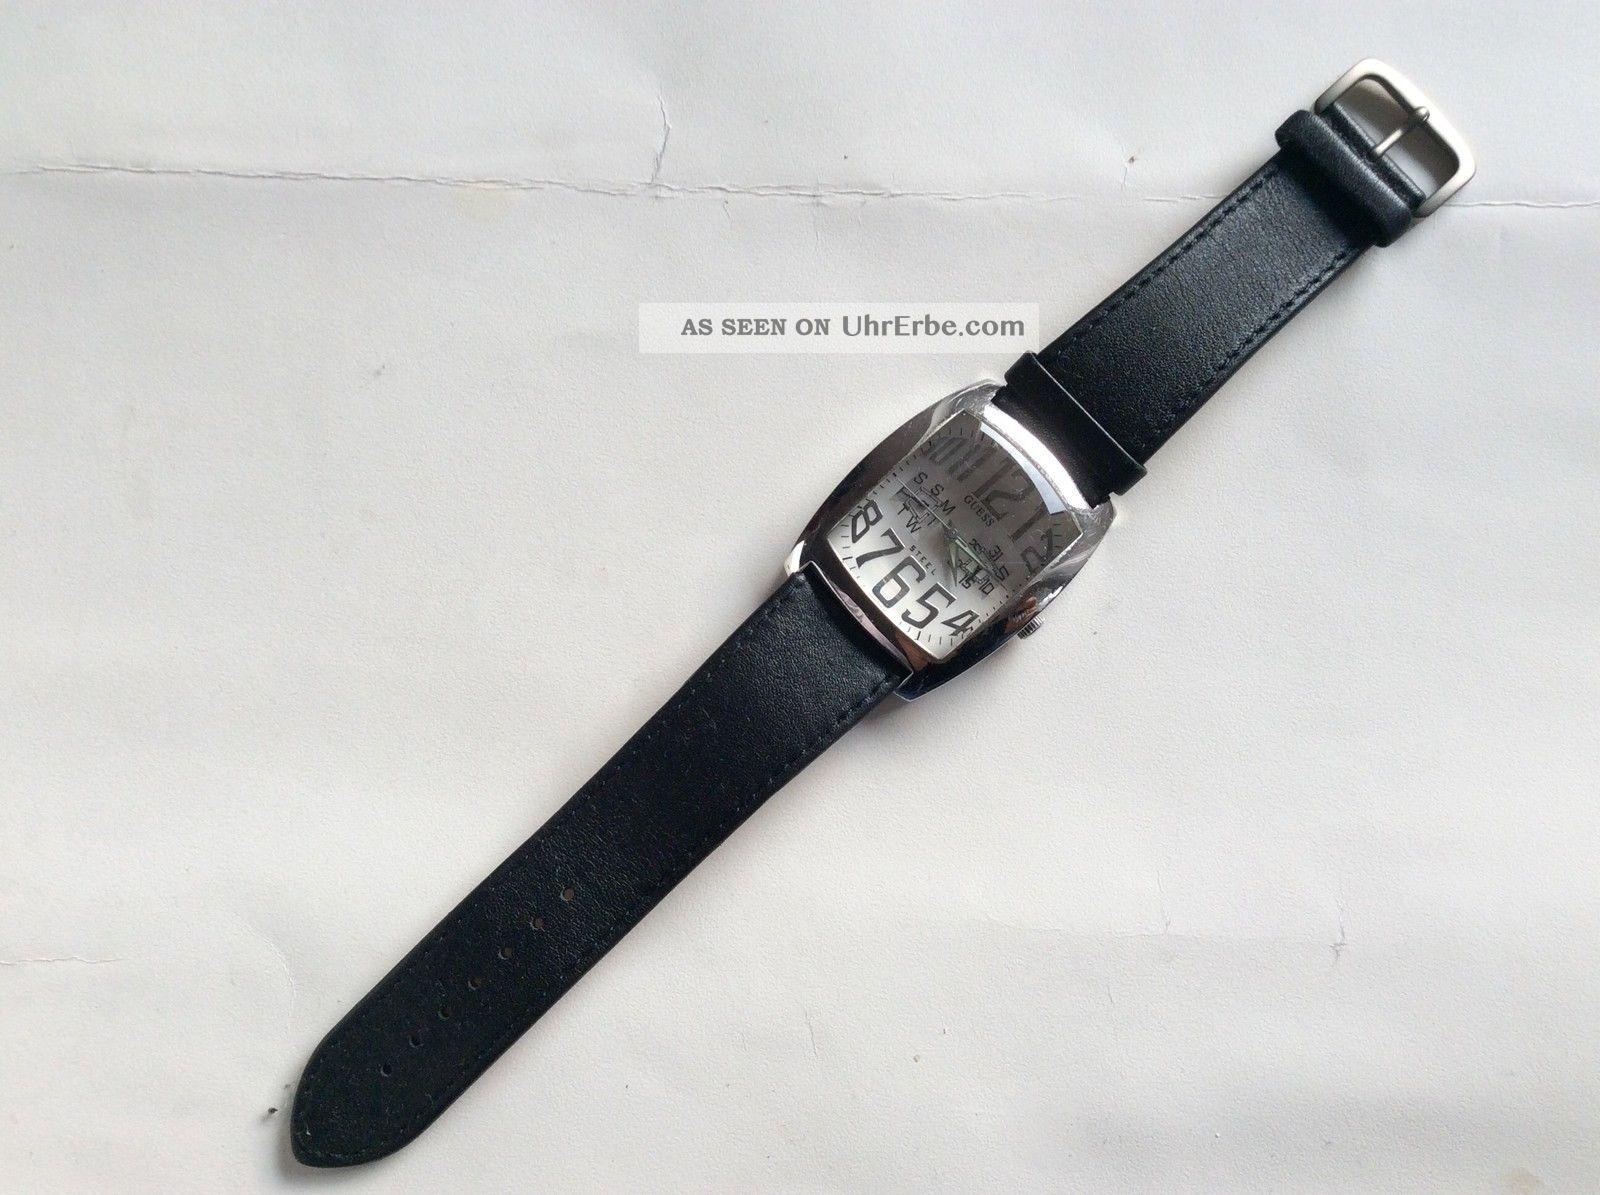 Designer Armband Uhr Unisex Von Guess Steel Water Resistent Armbanduhren Bild